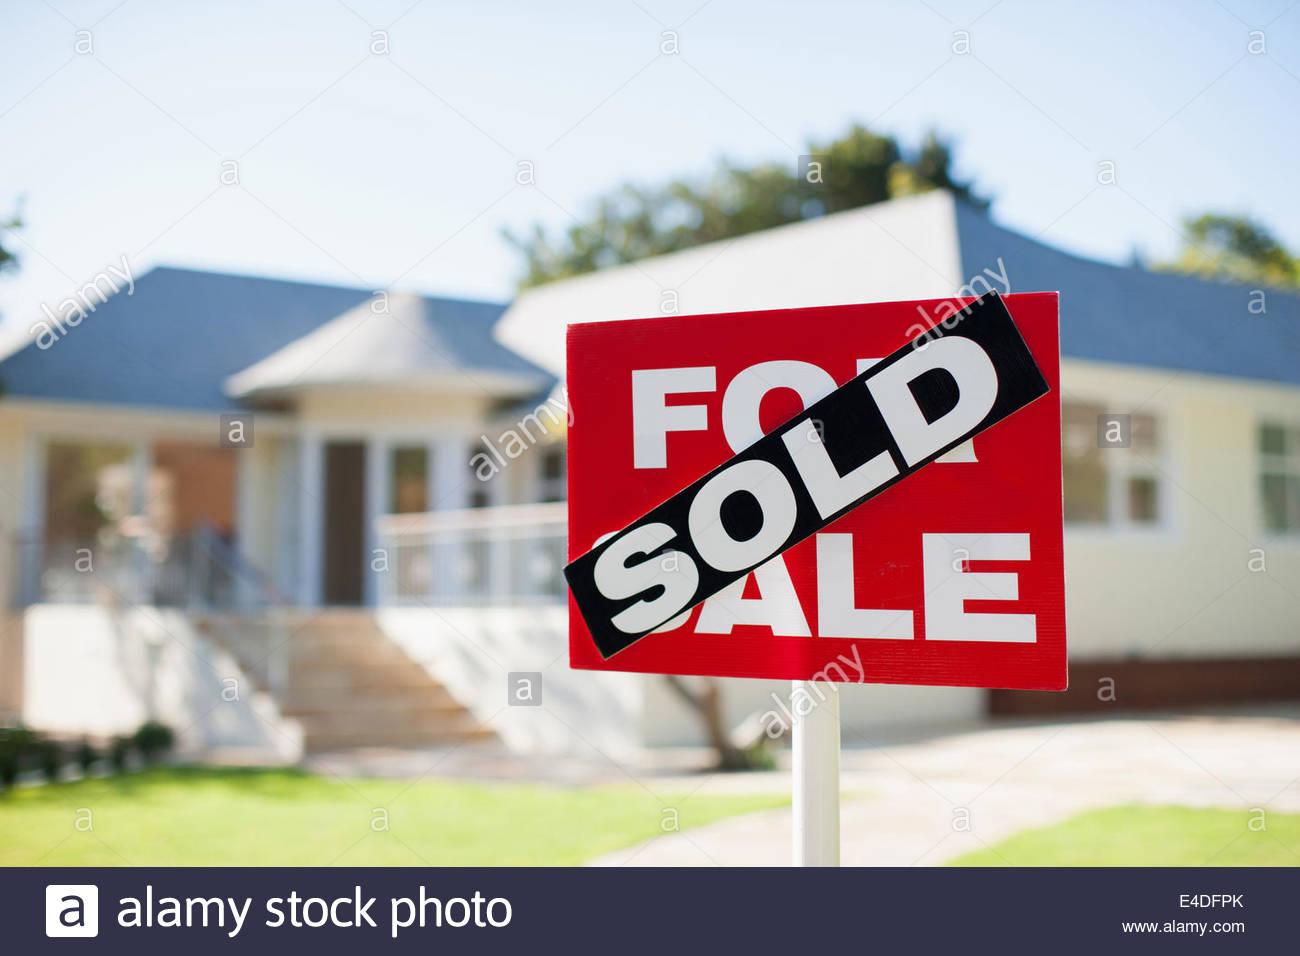 Für Verkaufsschild im Hof des Hauses Stockbild